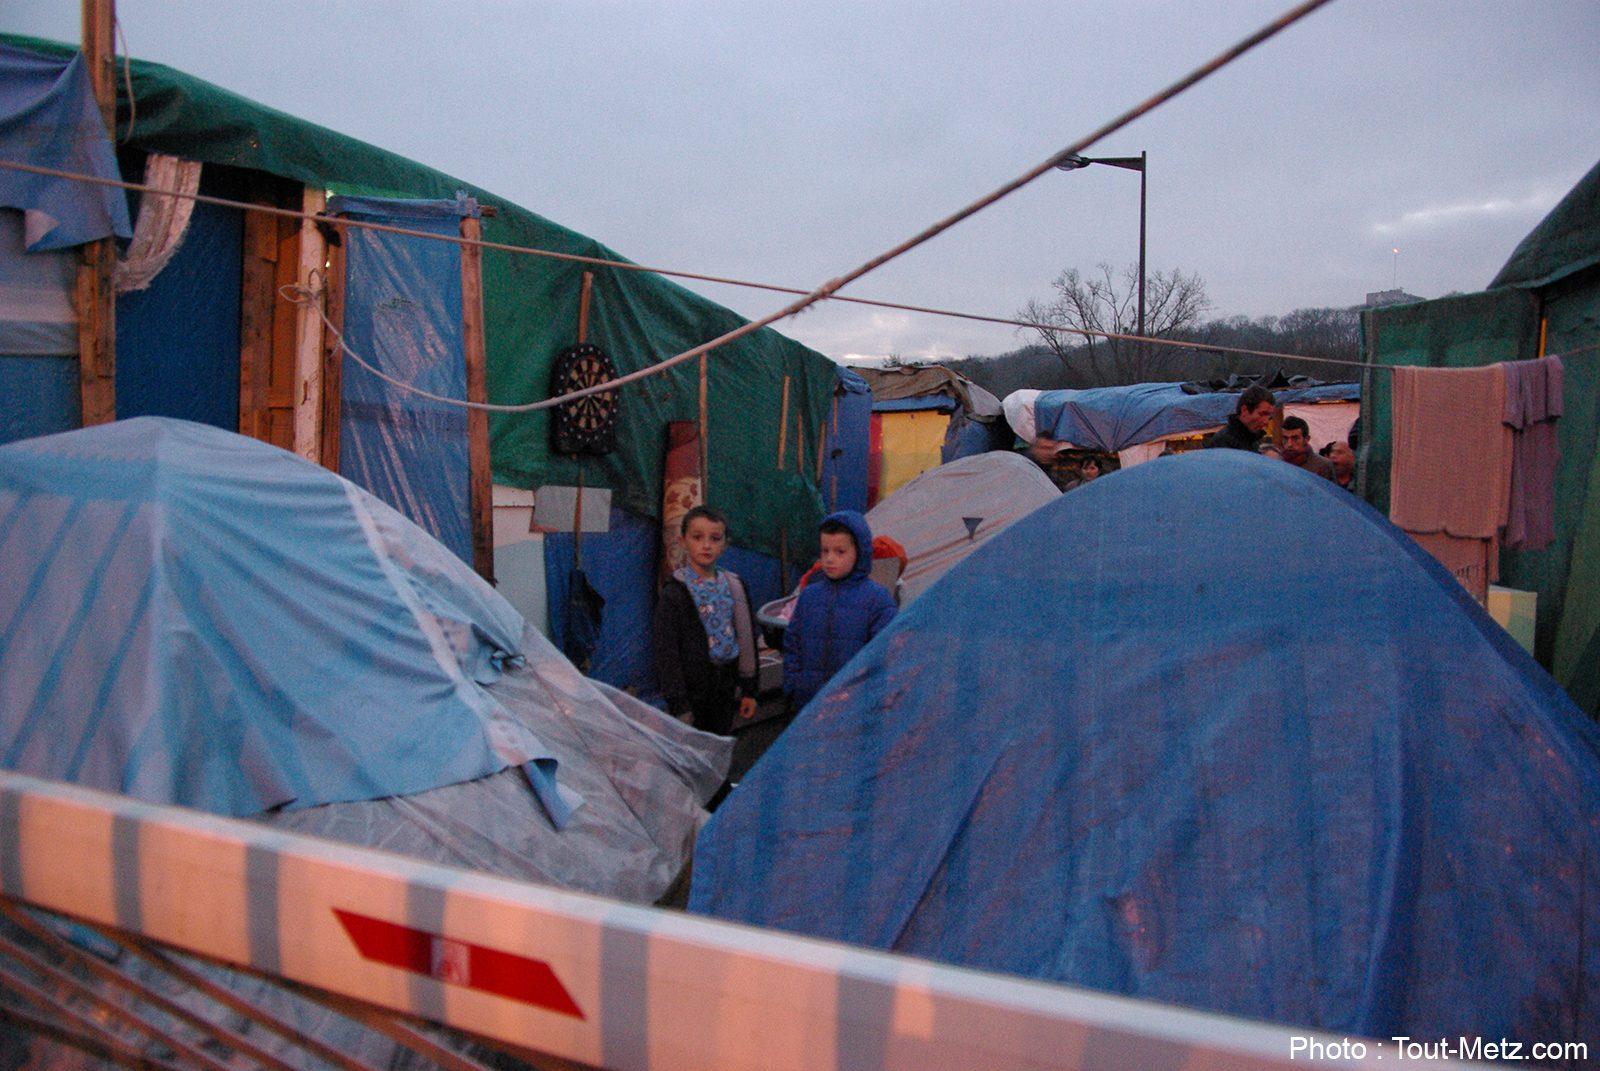 Meuse : 20 migrants de Calais sont accueillis à Verdun et Bar-Le-Duc